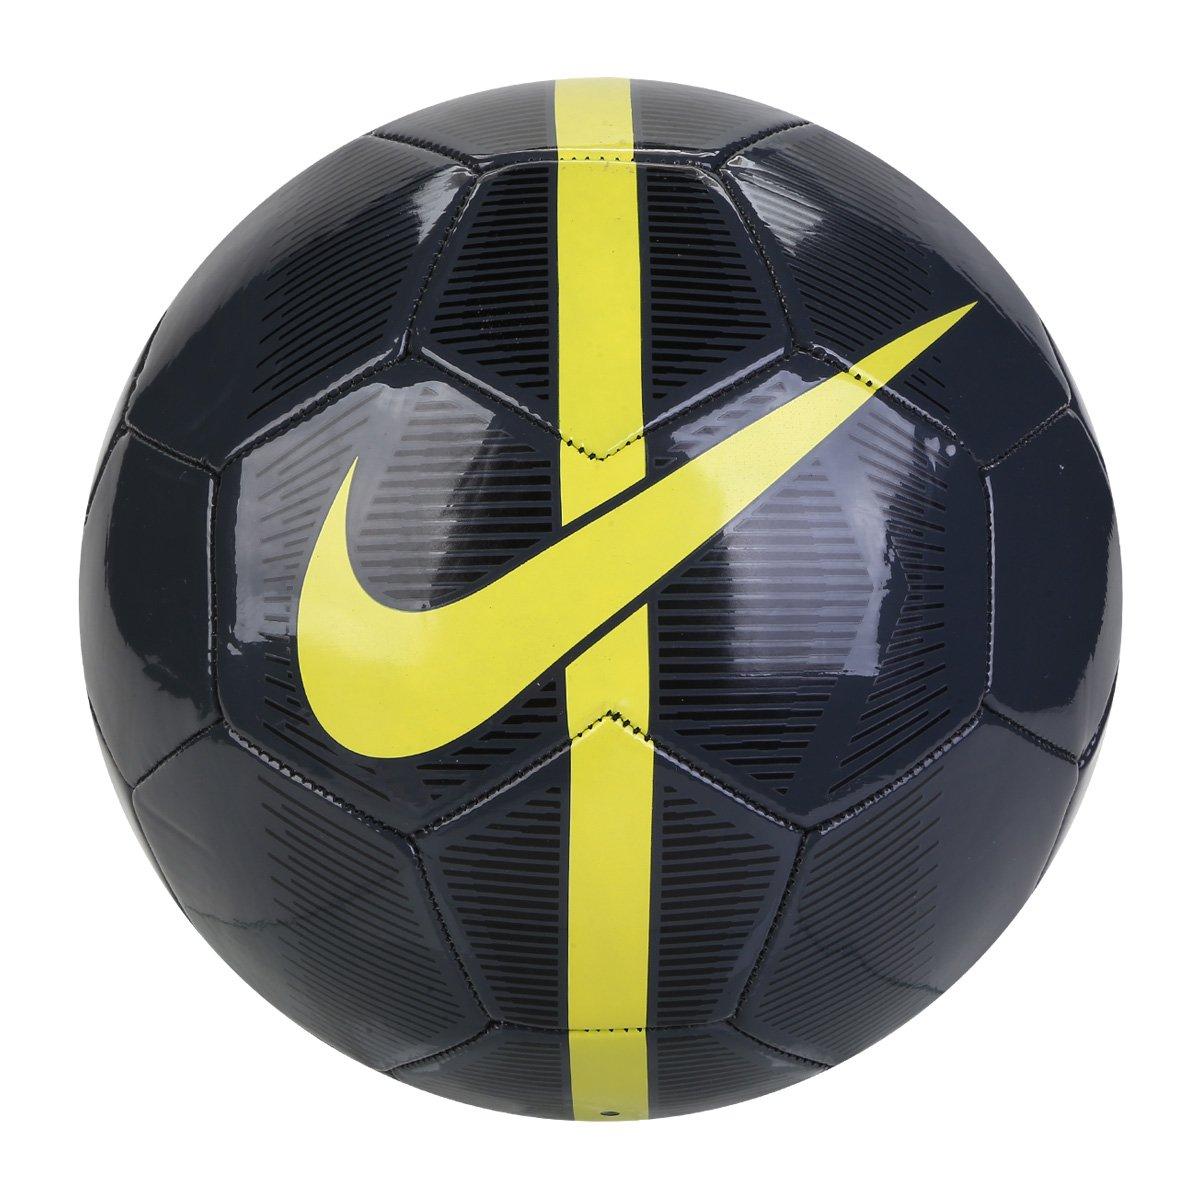 debf3676d6941 Bola de Futebol Campo Nike Mercurial Fade - Preto e Amarelo - Compre Agora